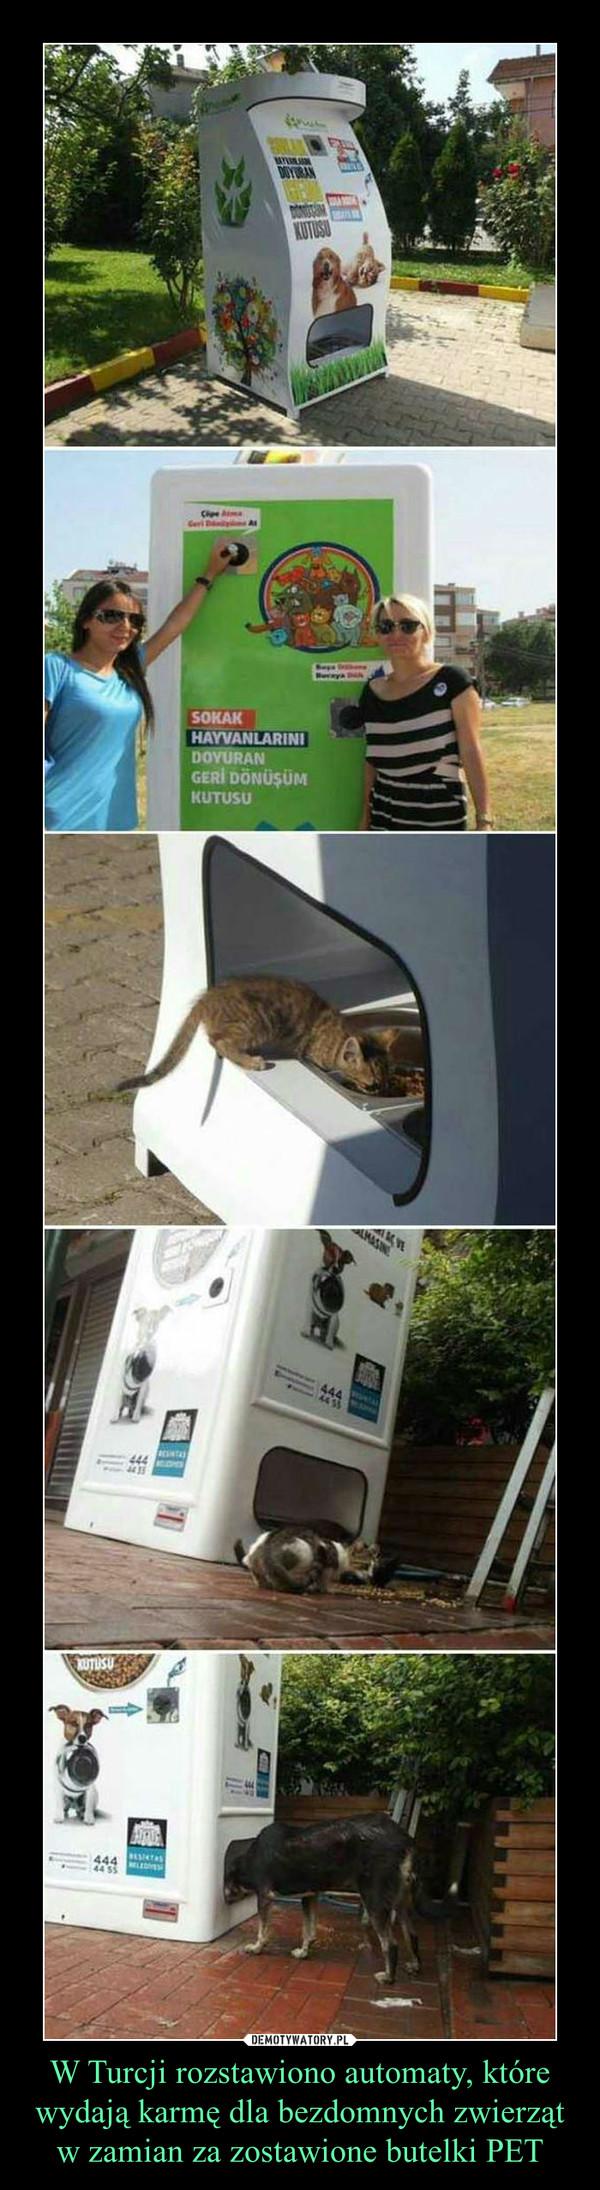 W Turcji rozstawiono automaty, które wydają karmę dla bezdomnych zwierząt w zamian za zostawione butelki PET –